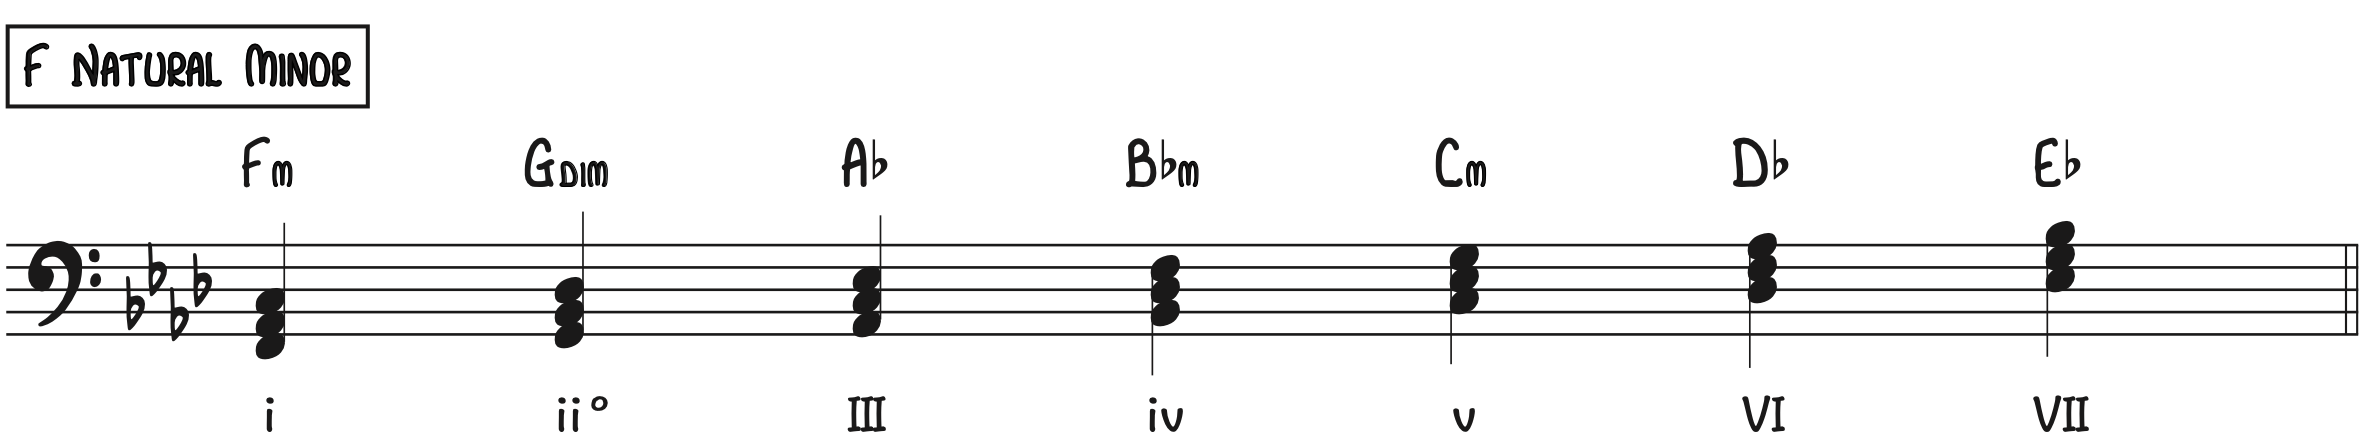 F Natural Minor Chords piano